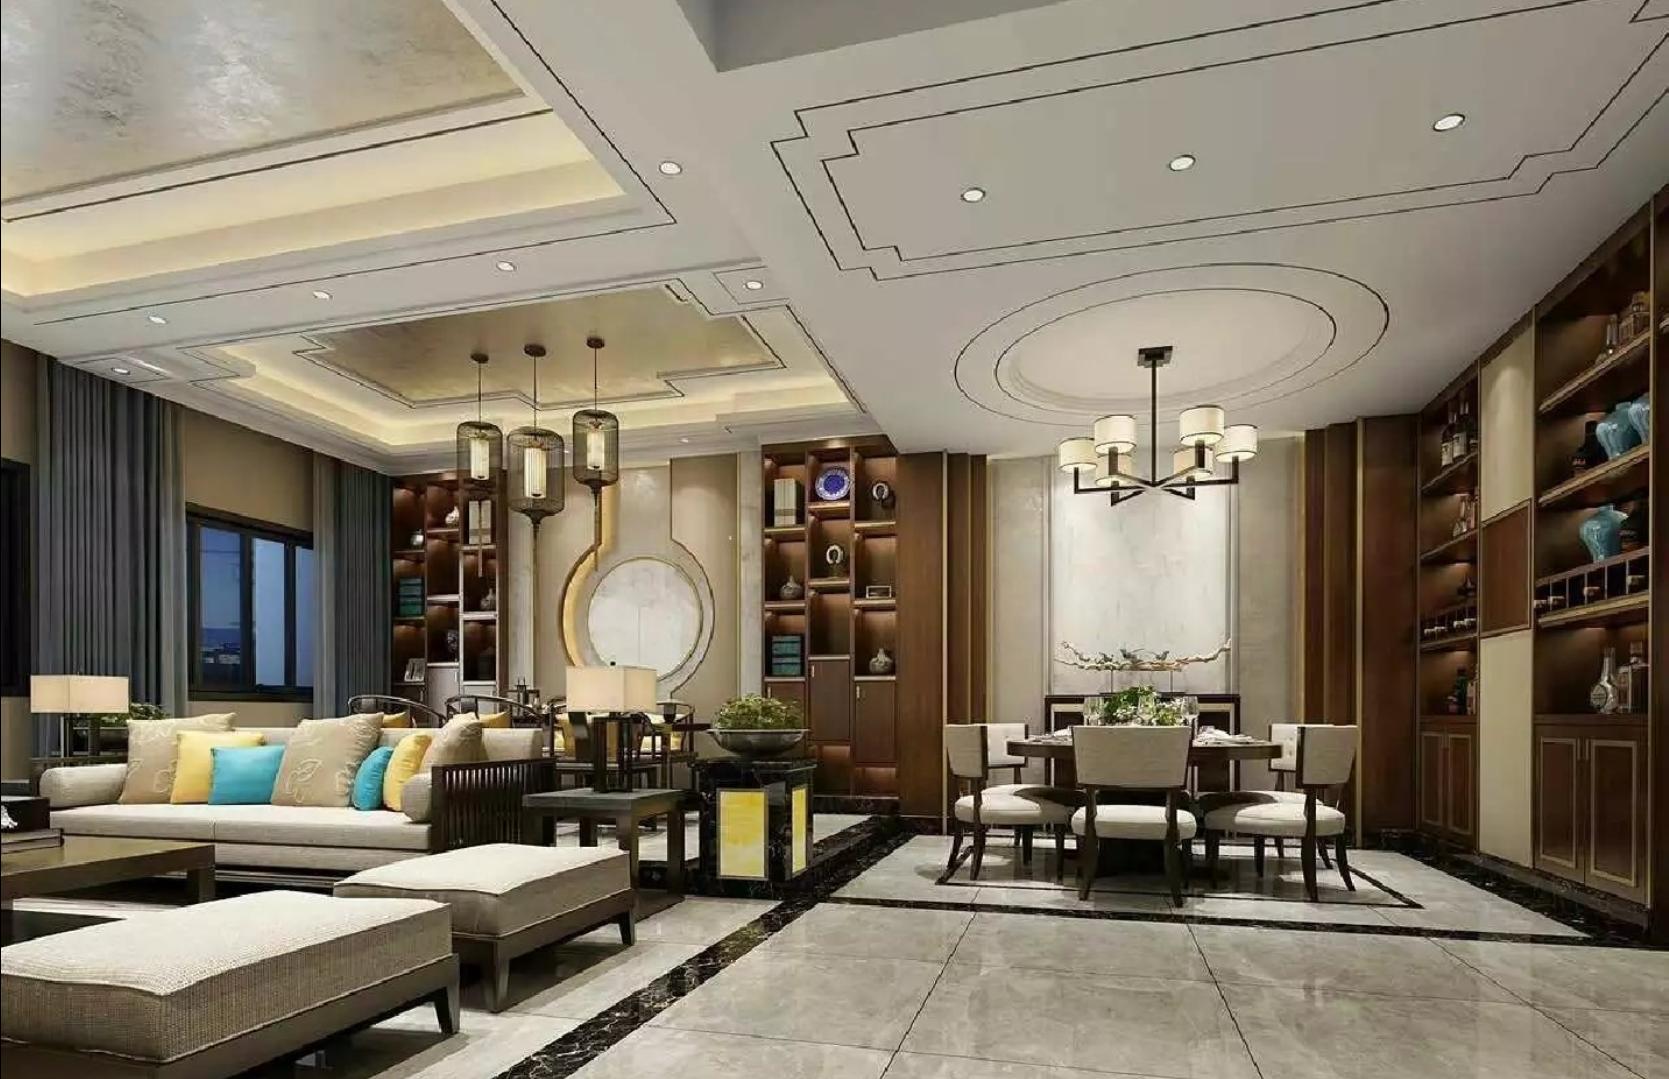 豪华中式装修餐厅设计图